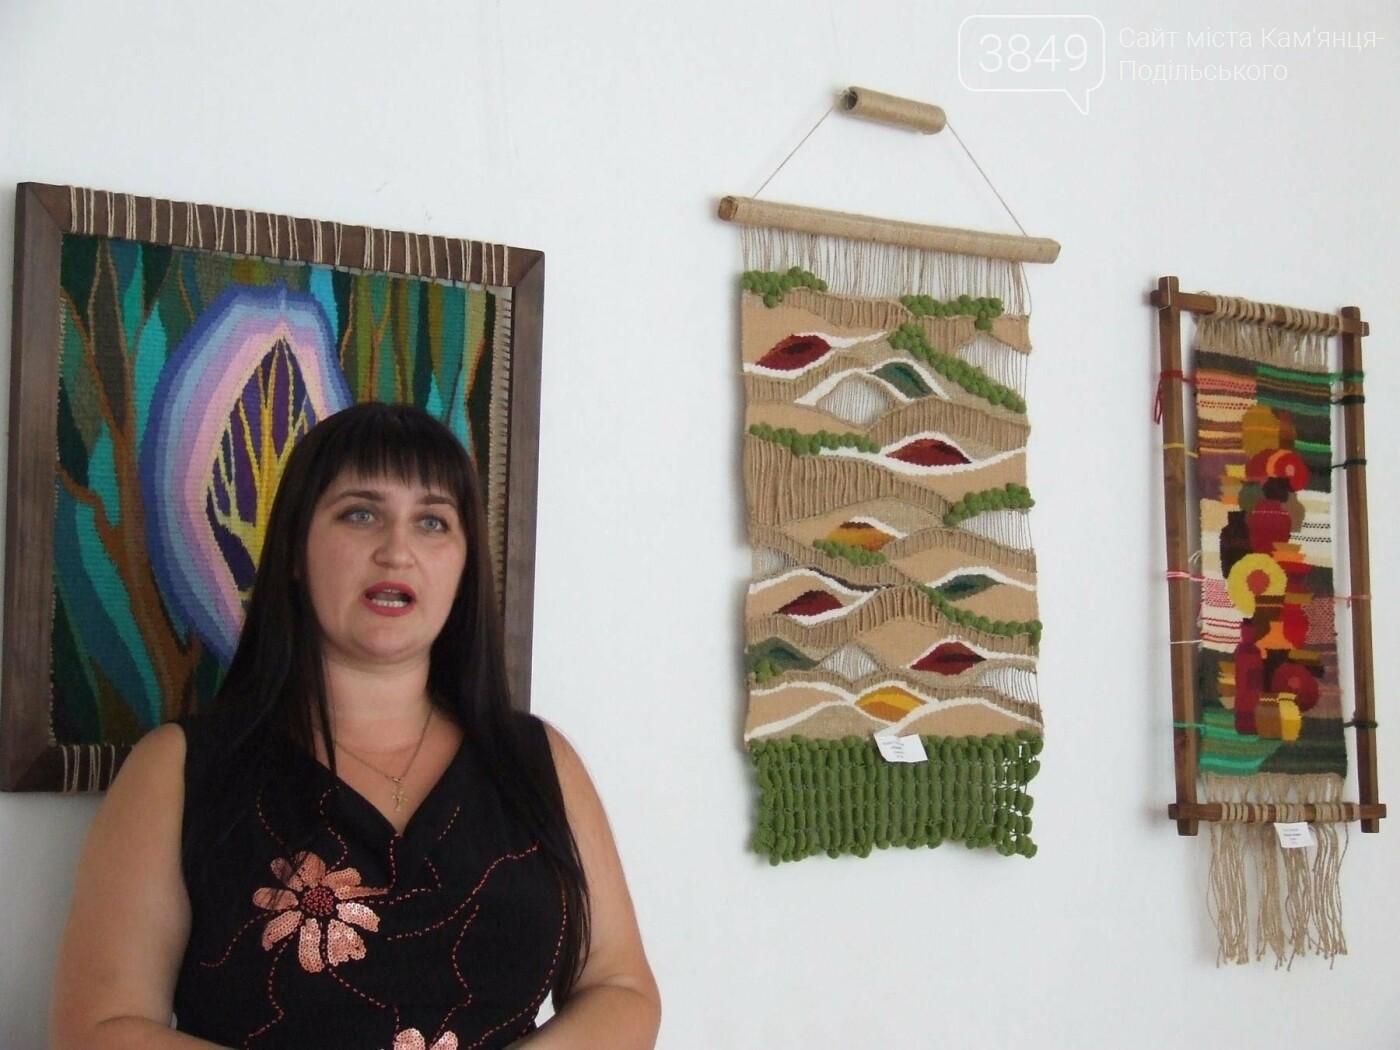 У Кам'янці відкрили виставку робіт декоративного та образотворчого мистецтва, фото-2